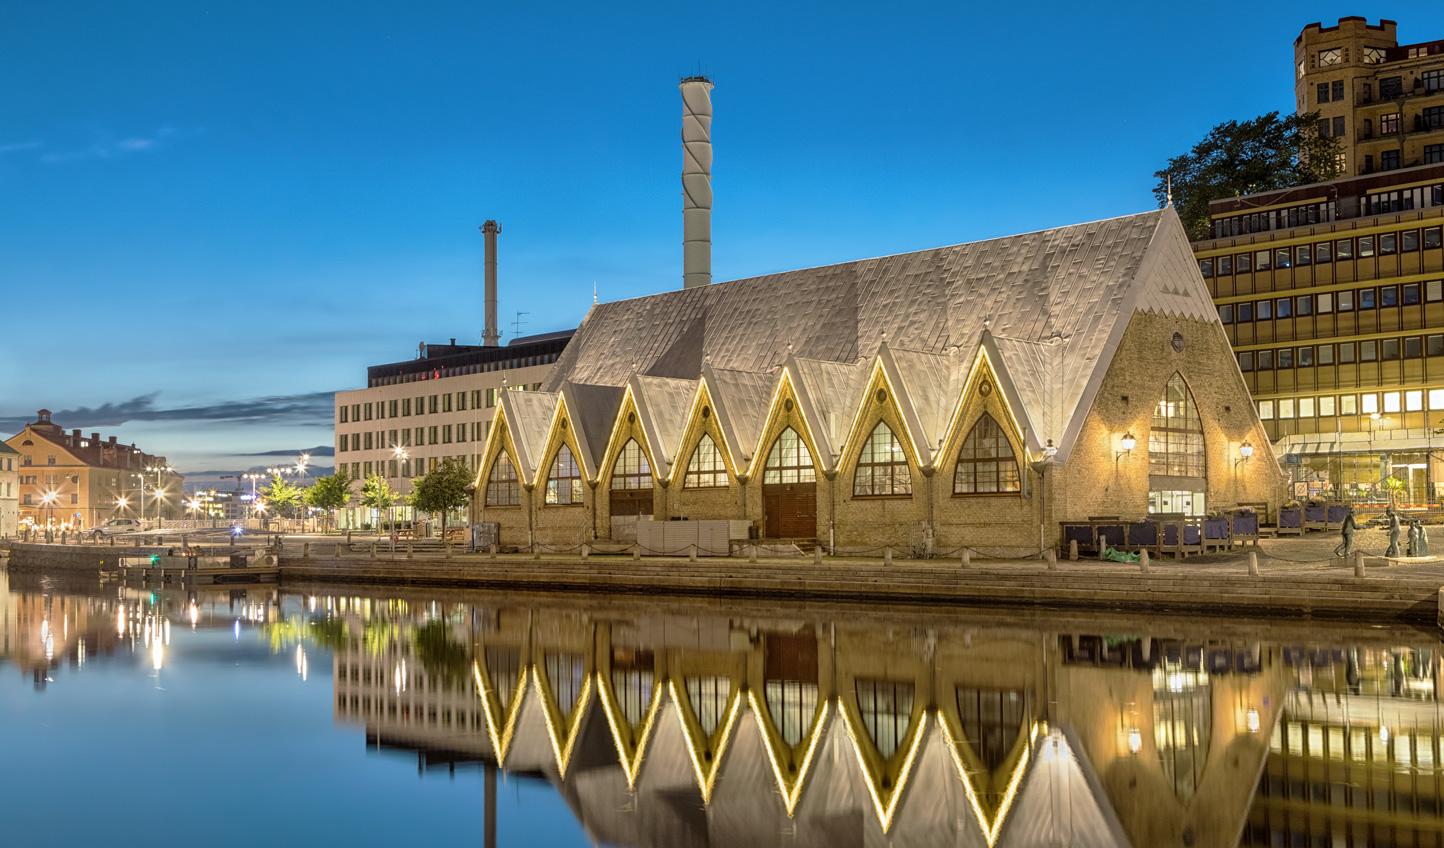 Gothenburg_market_737537593